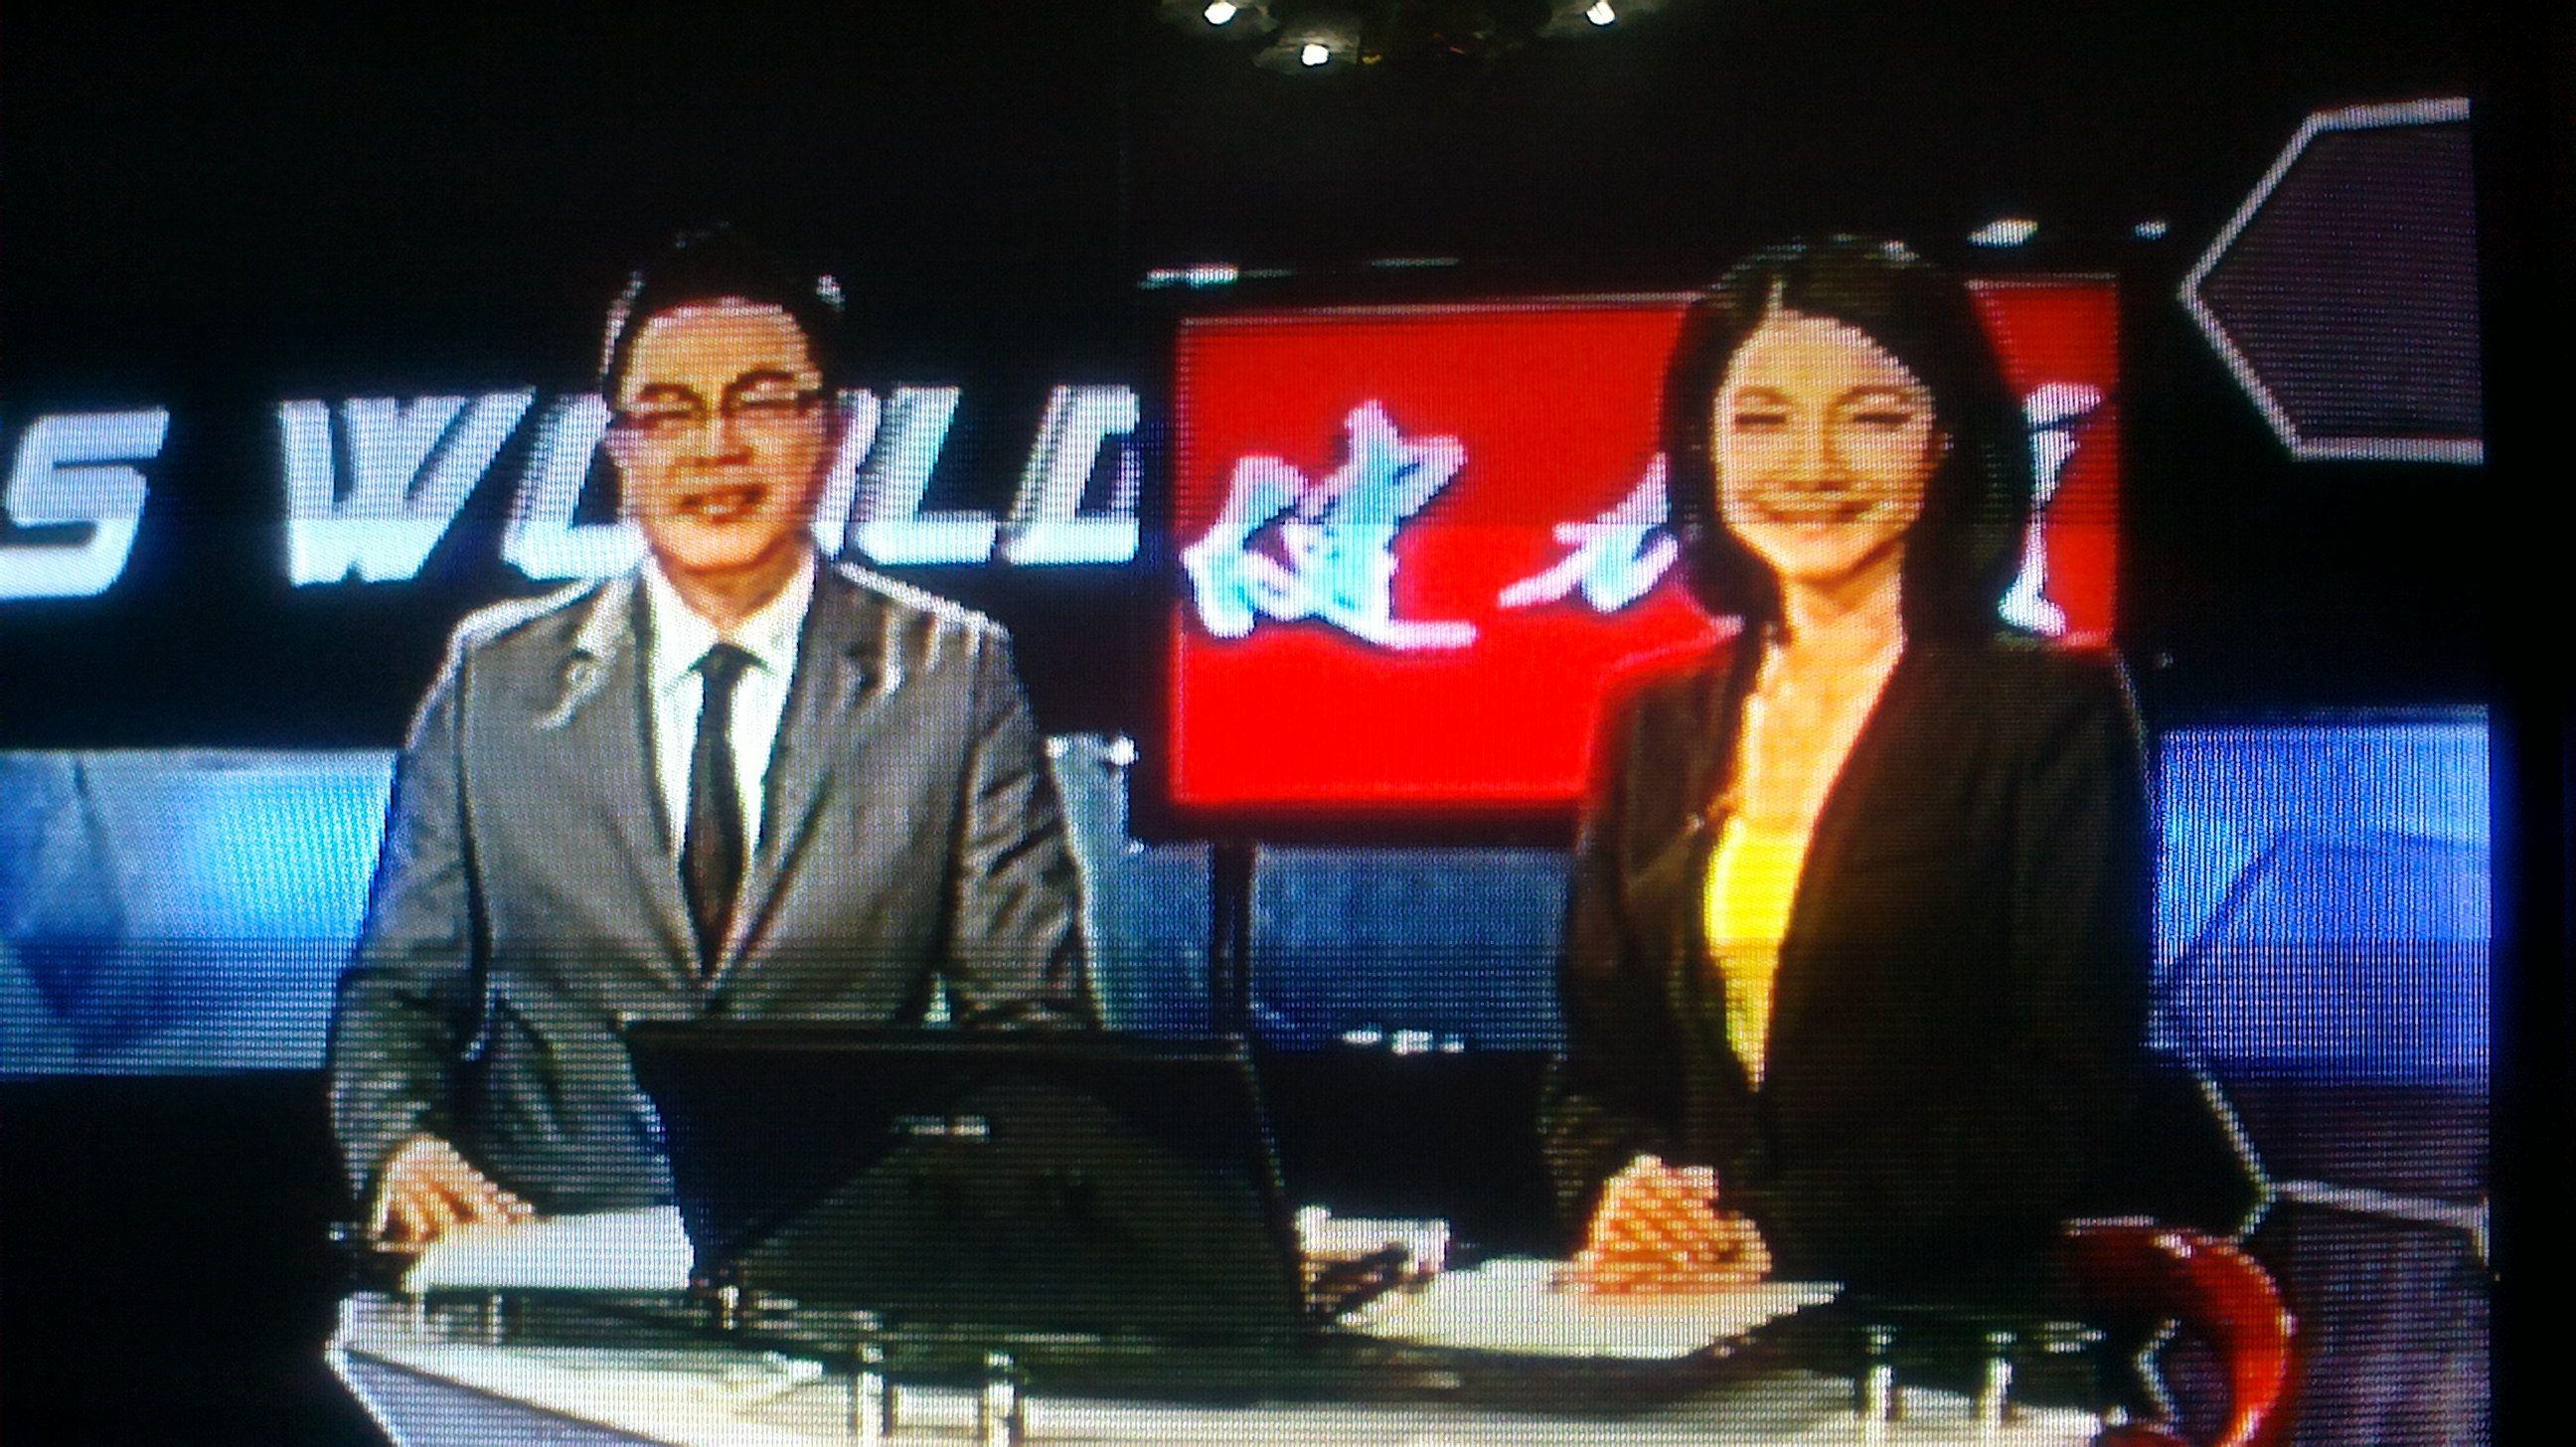 广东体育女主持人 广东体育女主持人最新图片 乐悠游网图片